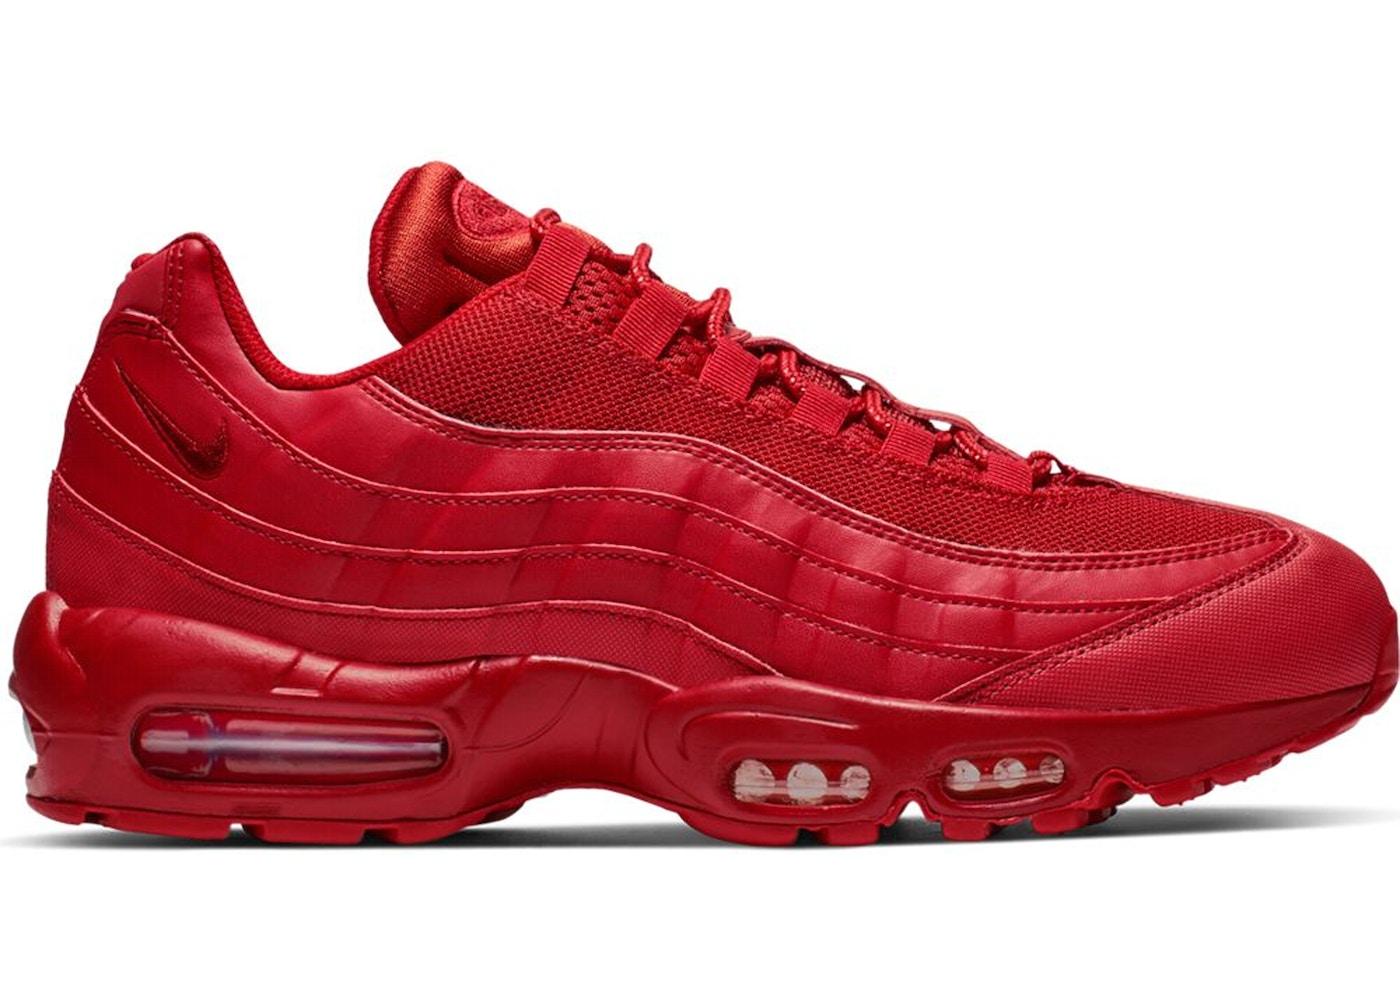 Nike Air Max 95 Triple Red Cq9969 600